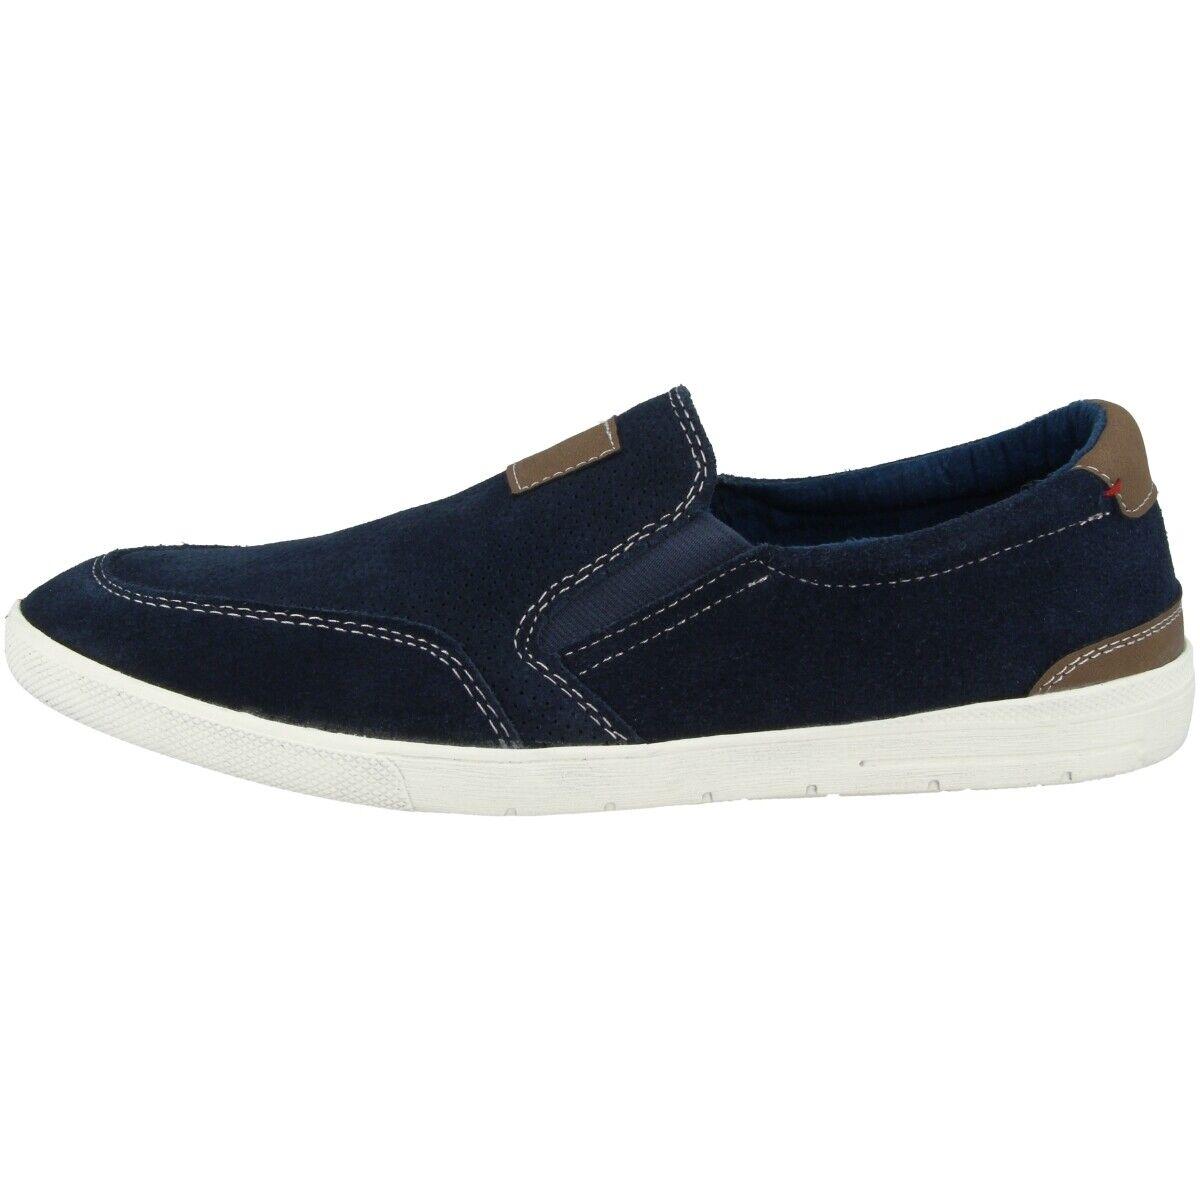 S.Oliver 5 14600 22 Zapatos Men Mocasines de Hombre Zapatillas Deportivas 5